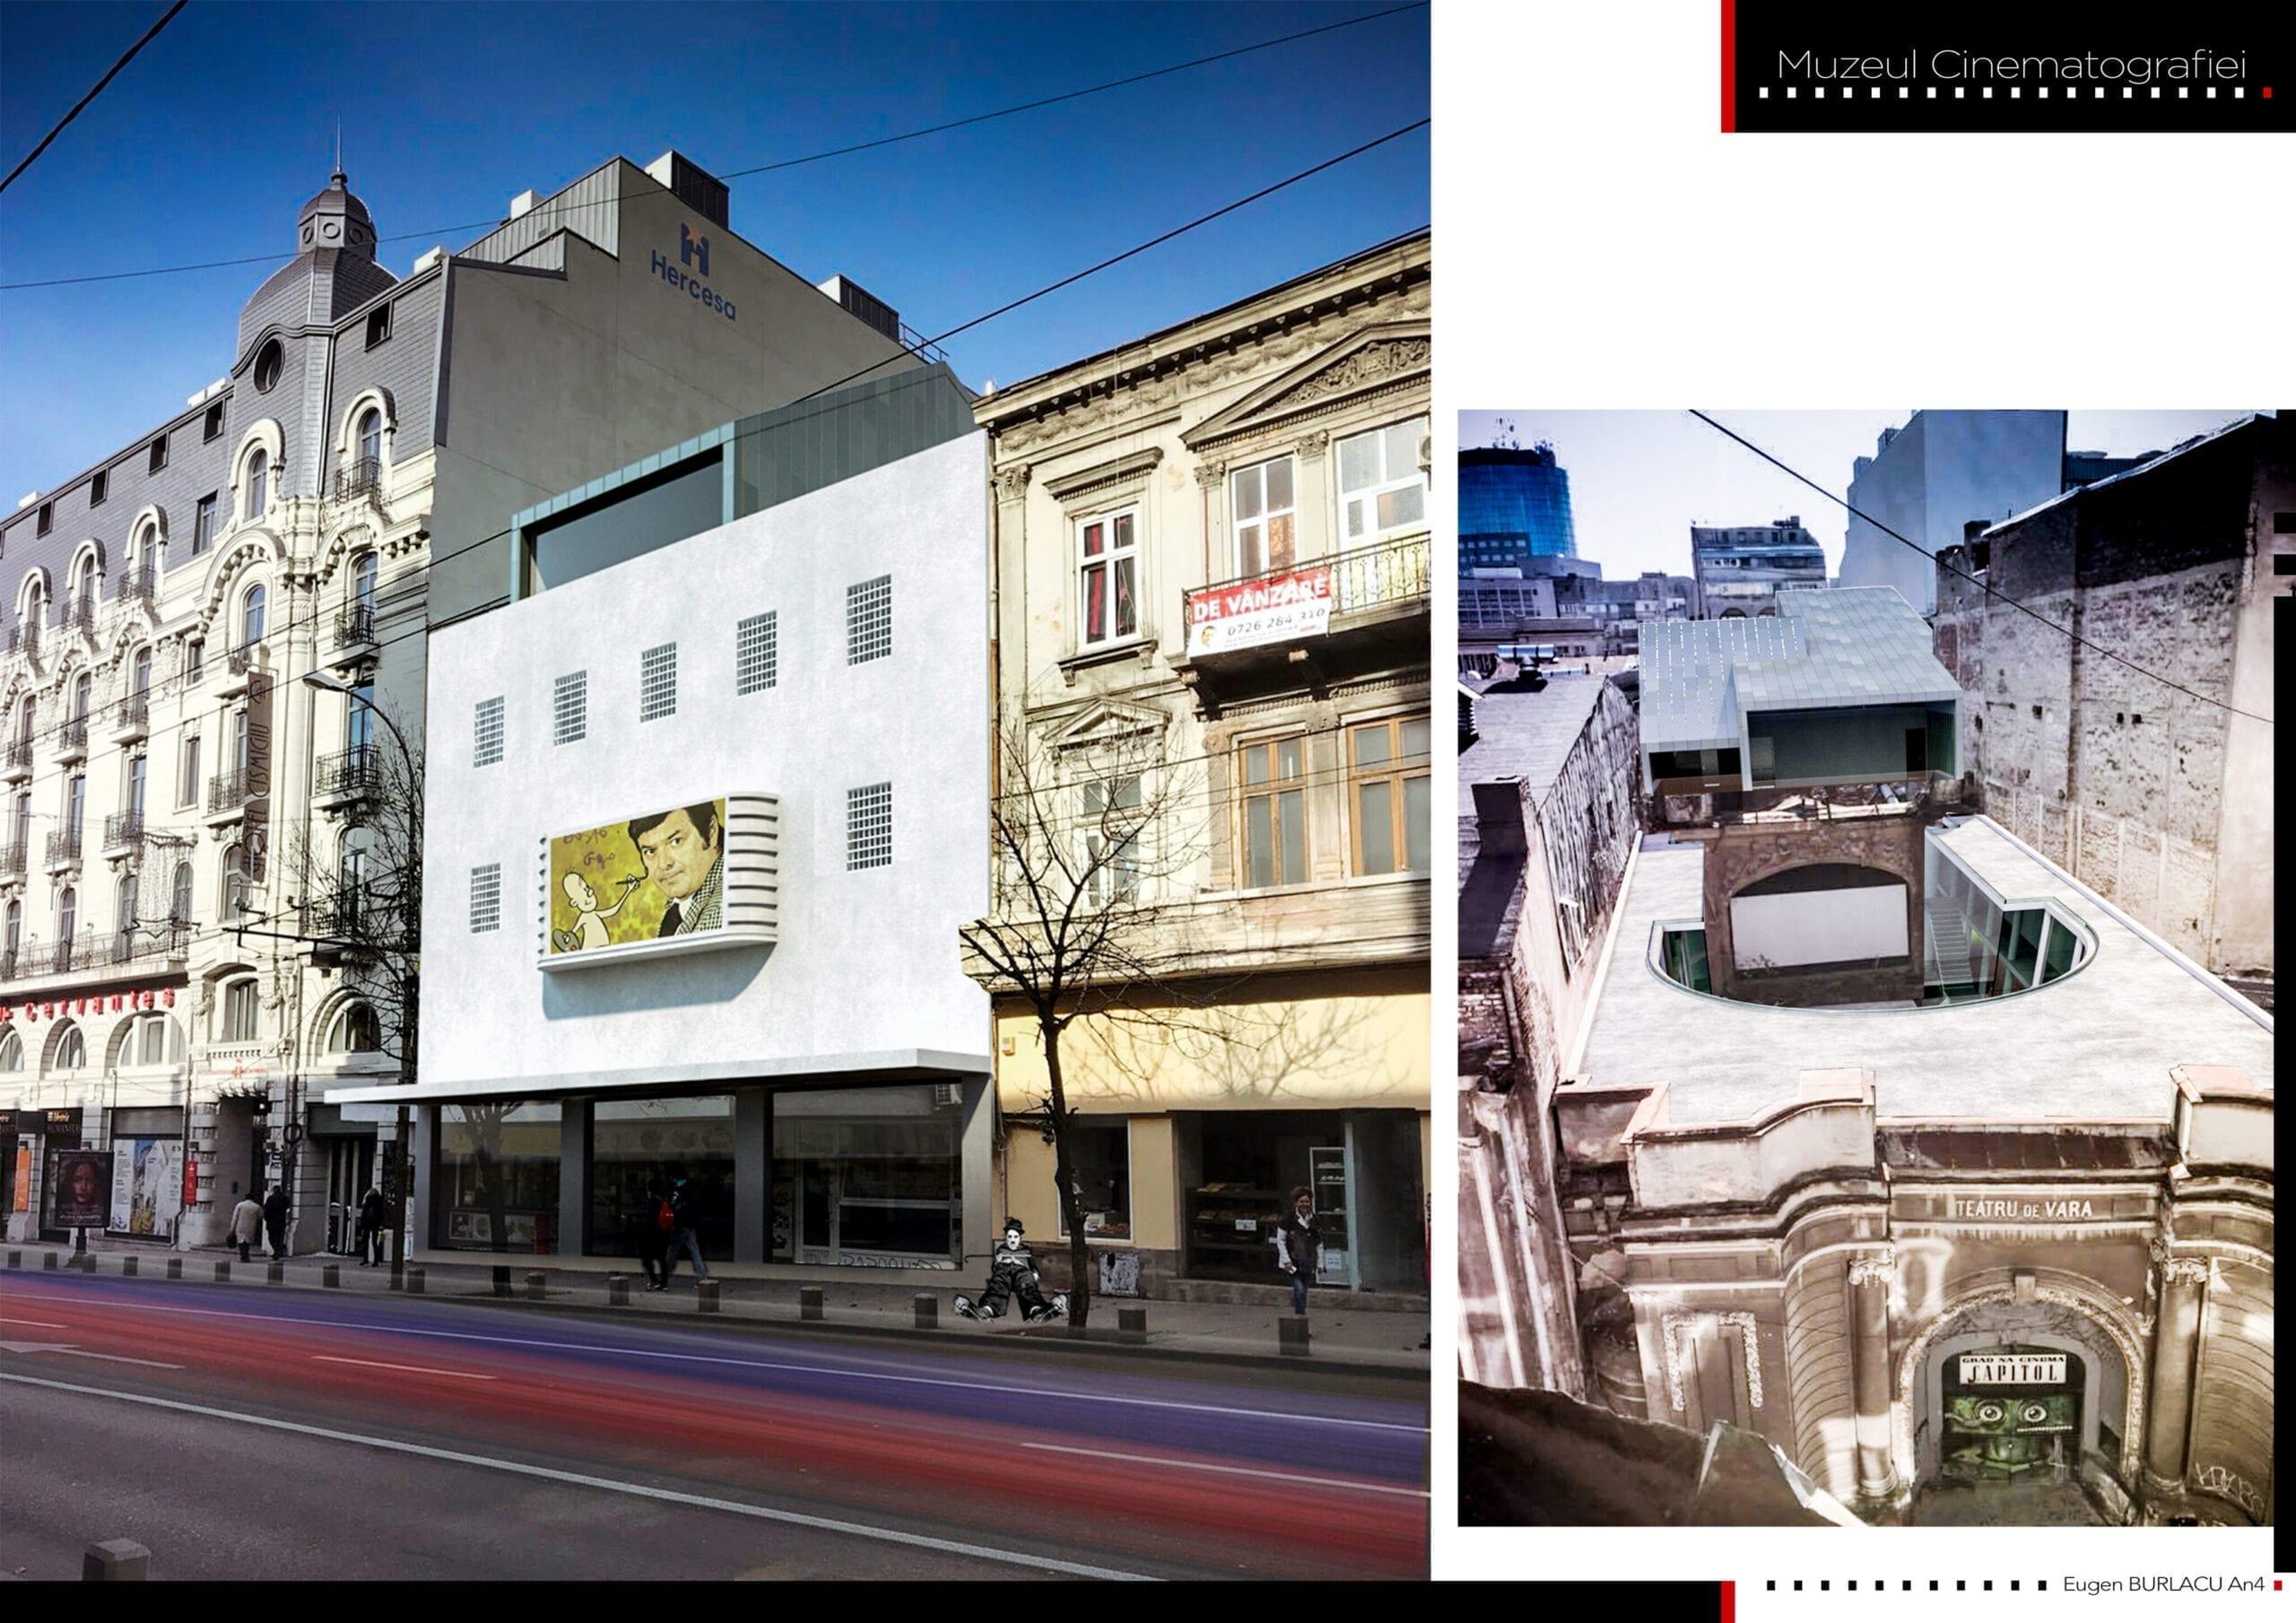 Eugen Burlacu - proiect Cinema Teatrul de vară CAPITOL